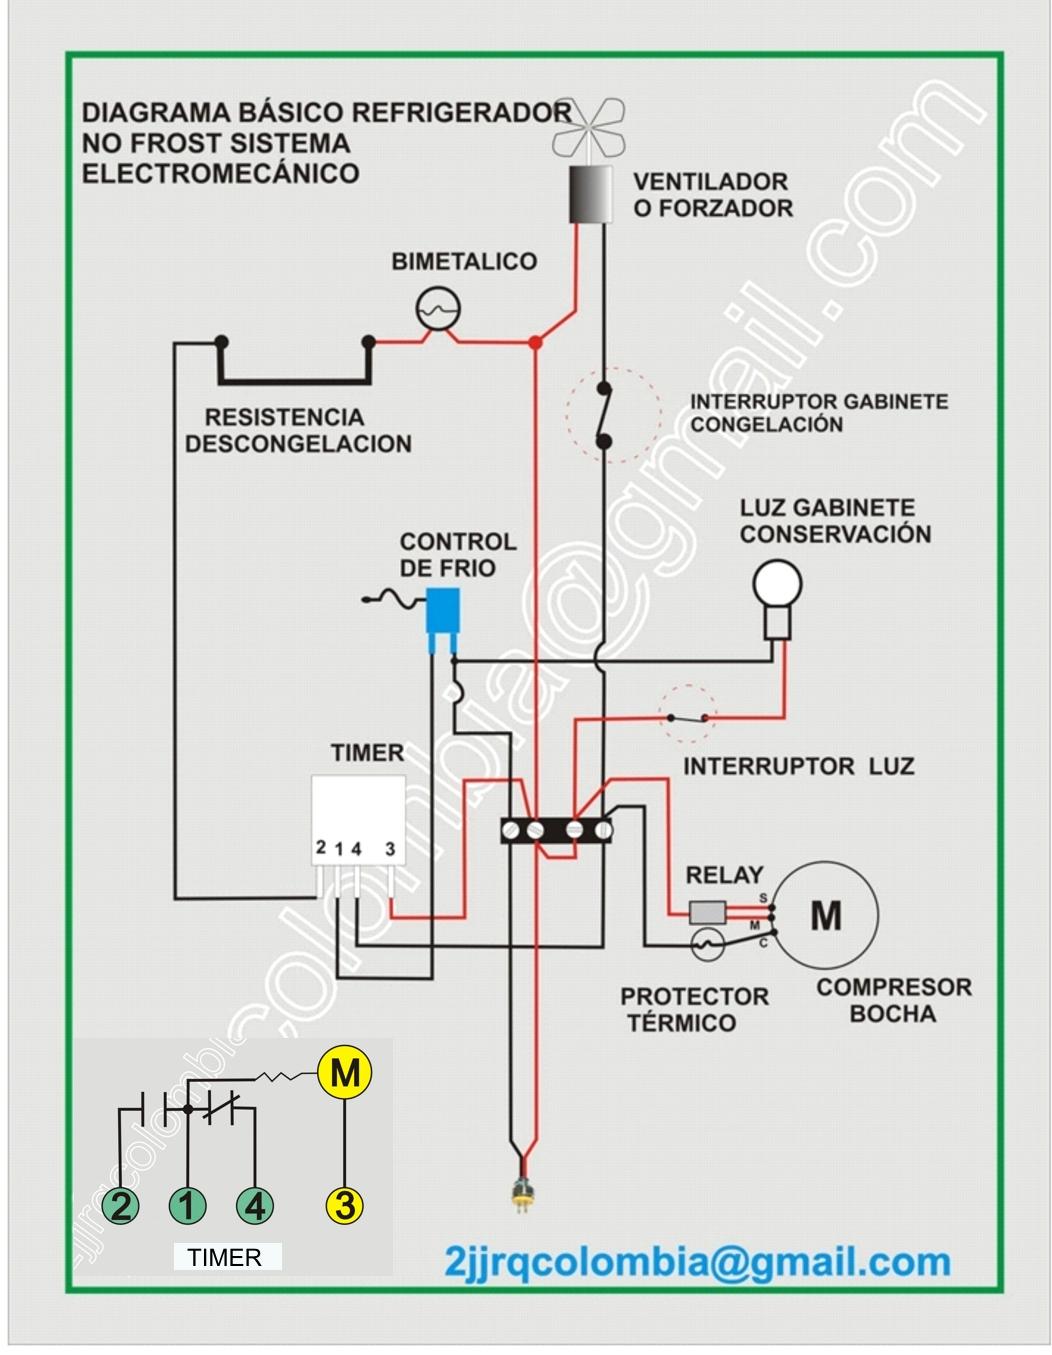 Circuito Basico Electrico : Circuito elÉctrico de un refrigerador domÉstico sencillo climax